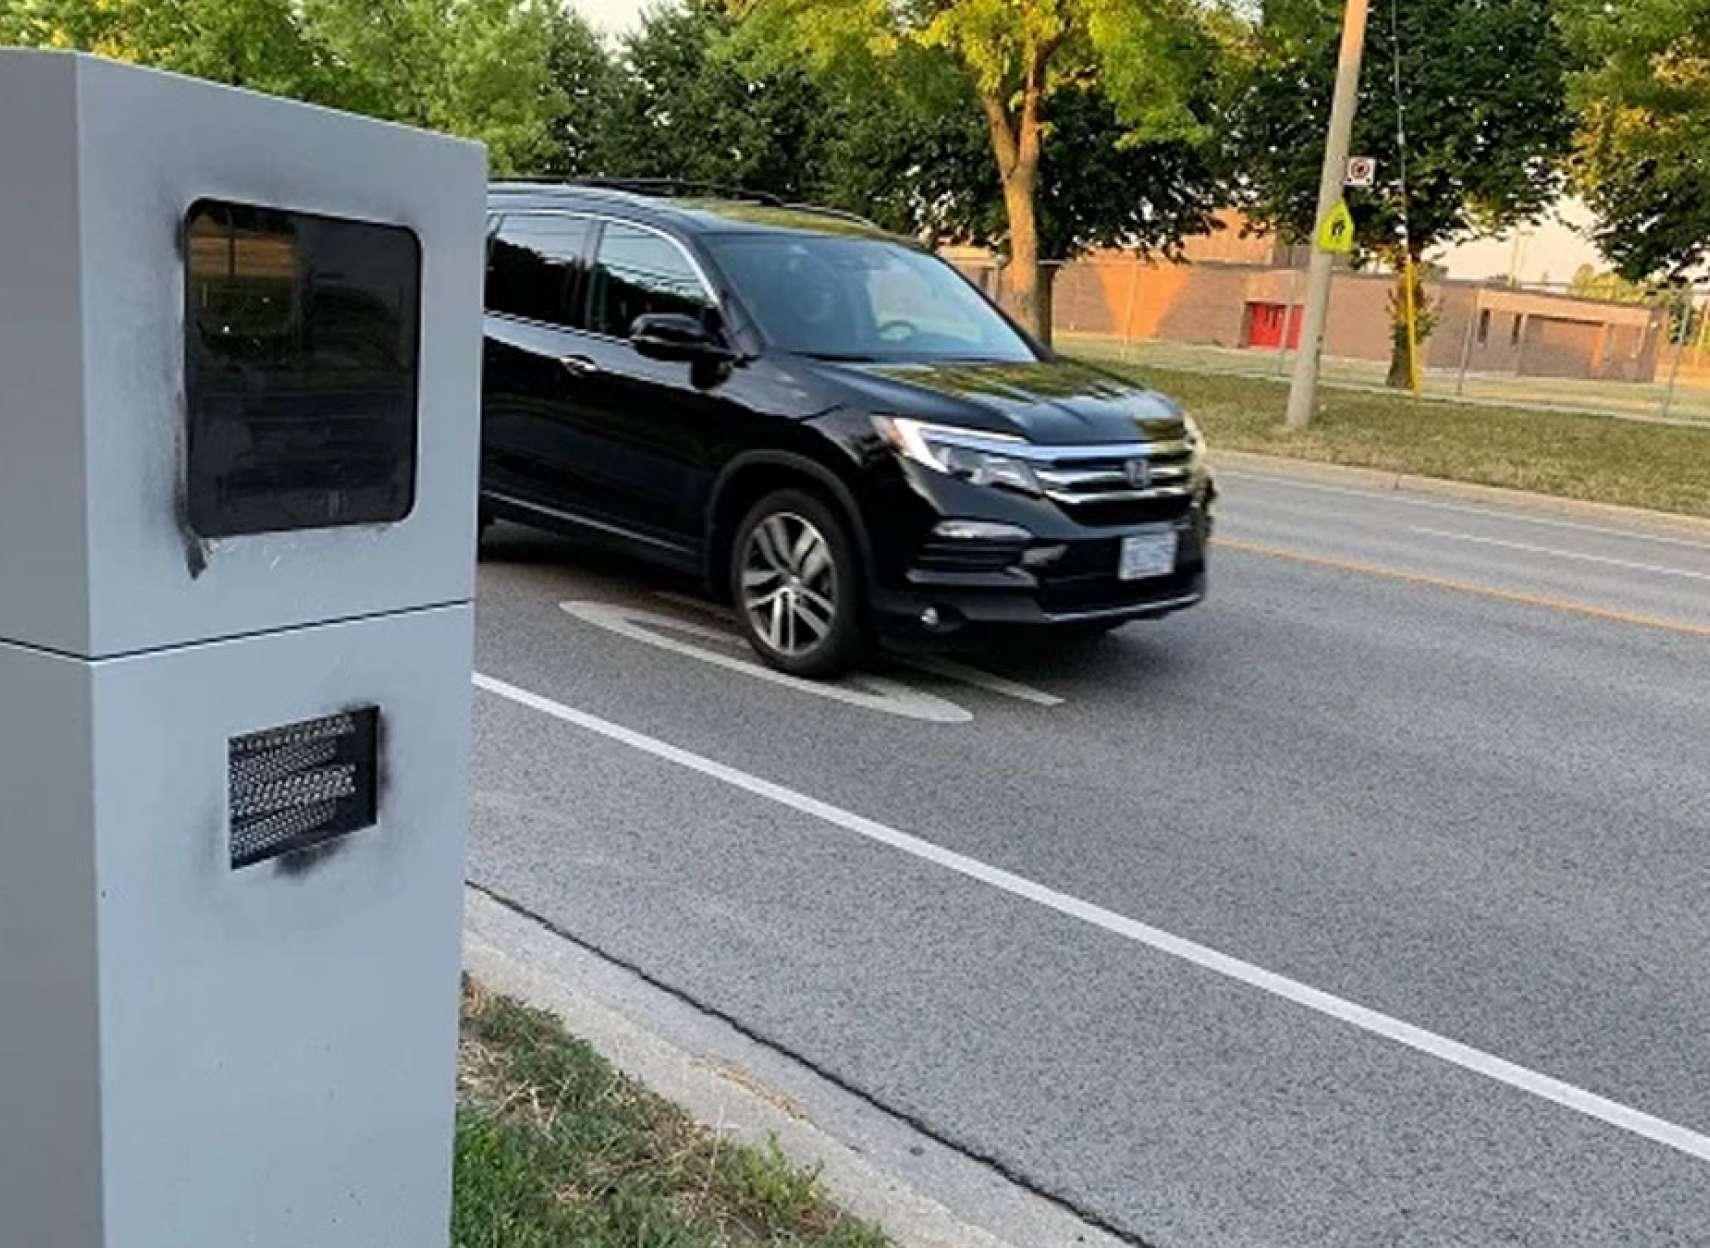 اخبار-تورنتو-آغاز-به-کار-دوربین-های-مدار-بسته-تورنتو-برای-جریمه